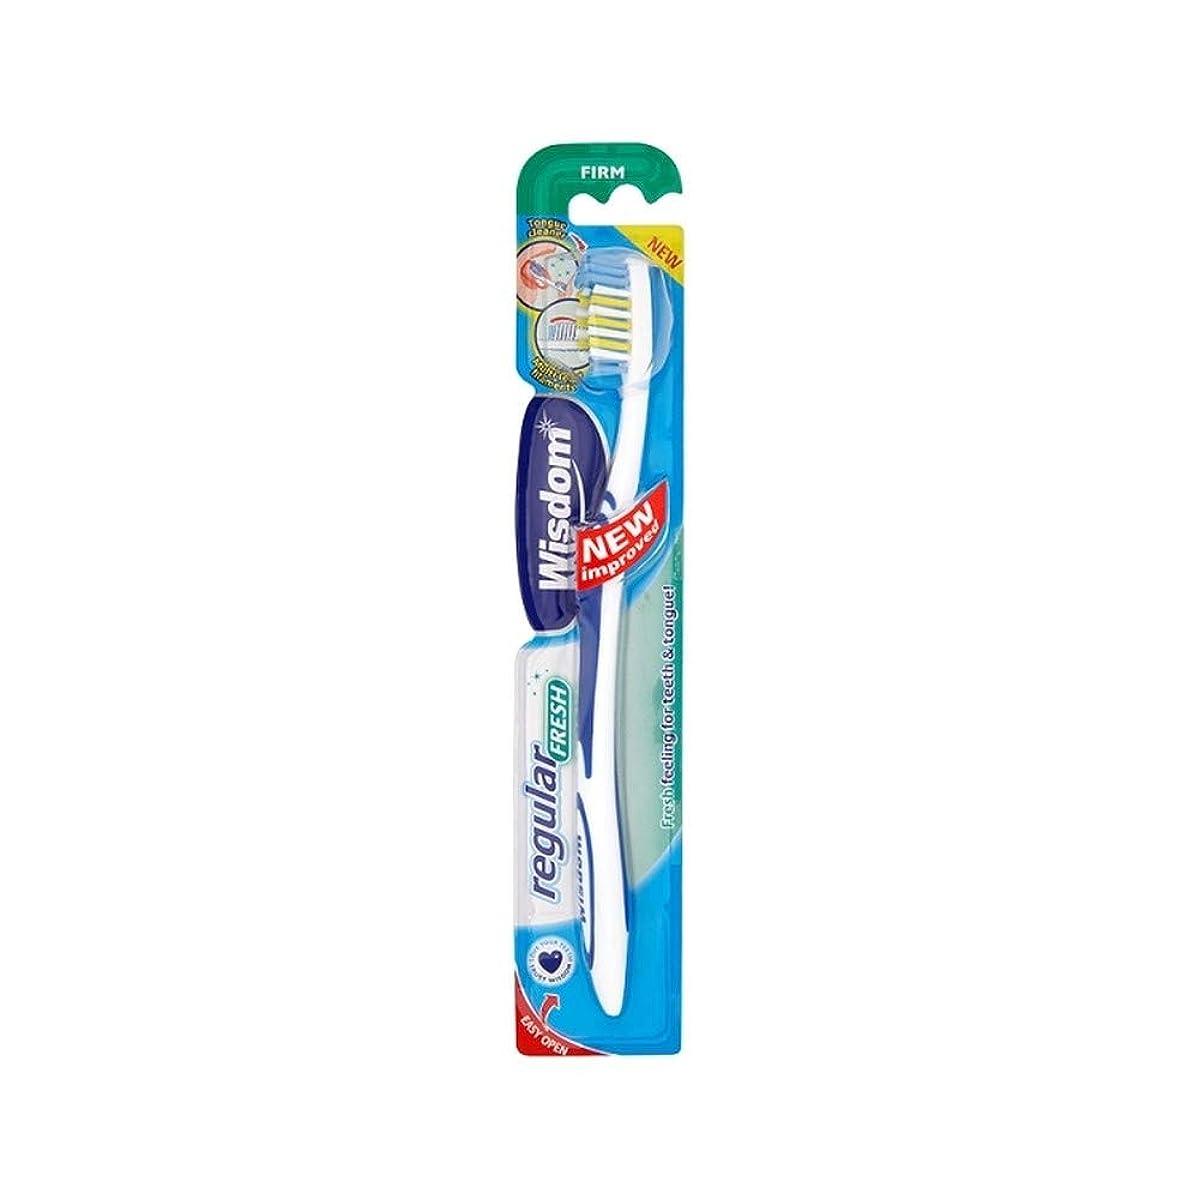 アーサー宣教師植物学者[Wisdom ] 12の知恵定期的に新鮮しっかり歯ブラシパック - Wisdom Regular Fresh Firm Toothbrush Pack of 12 [並行輸入品]